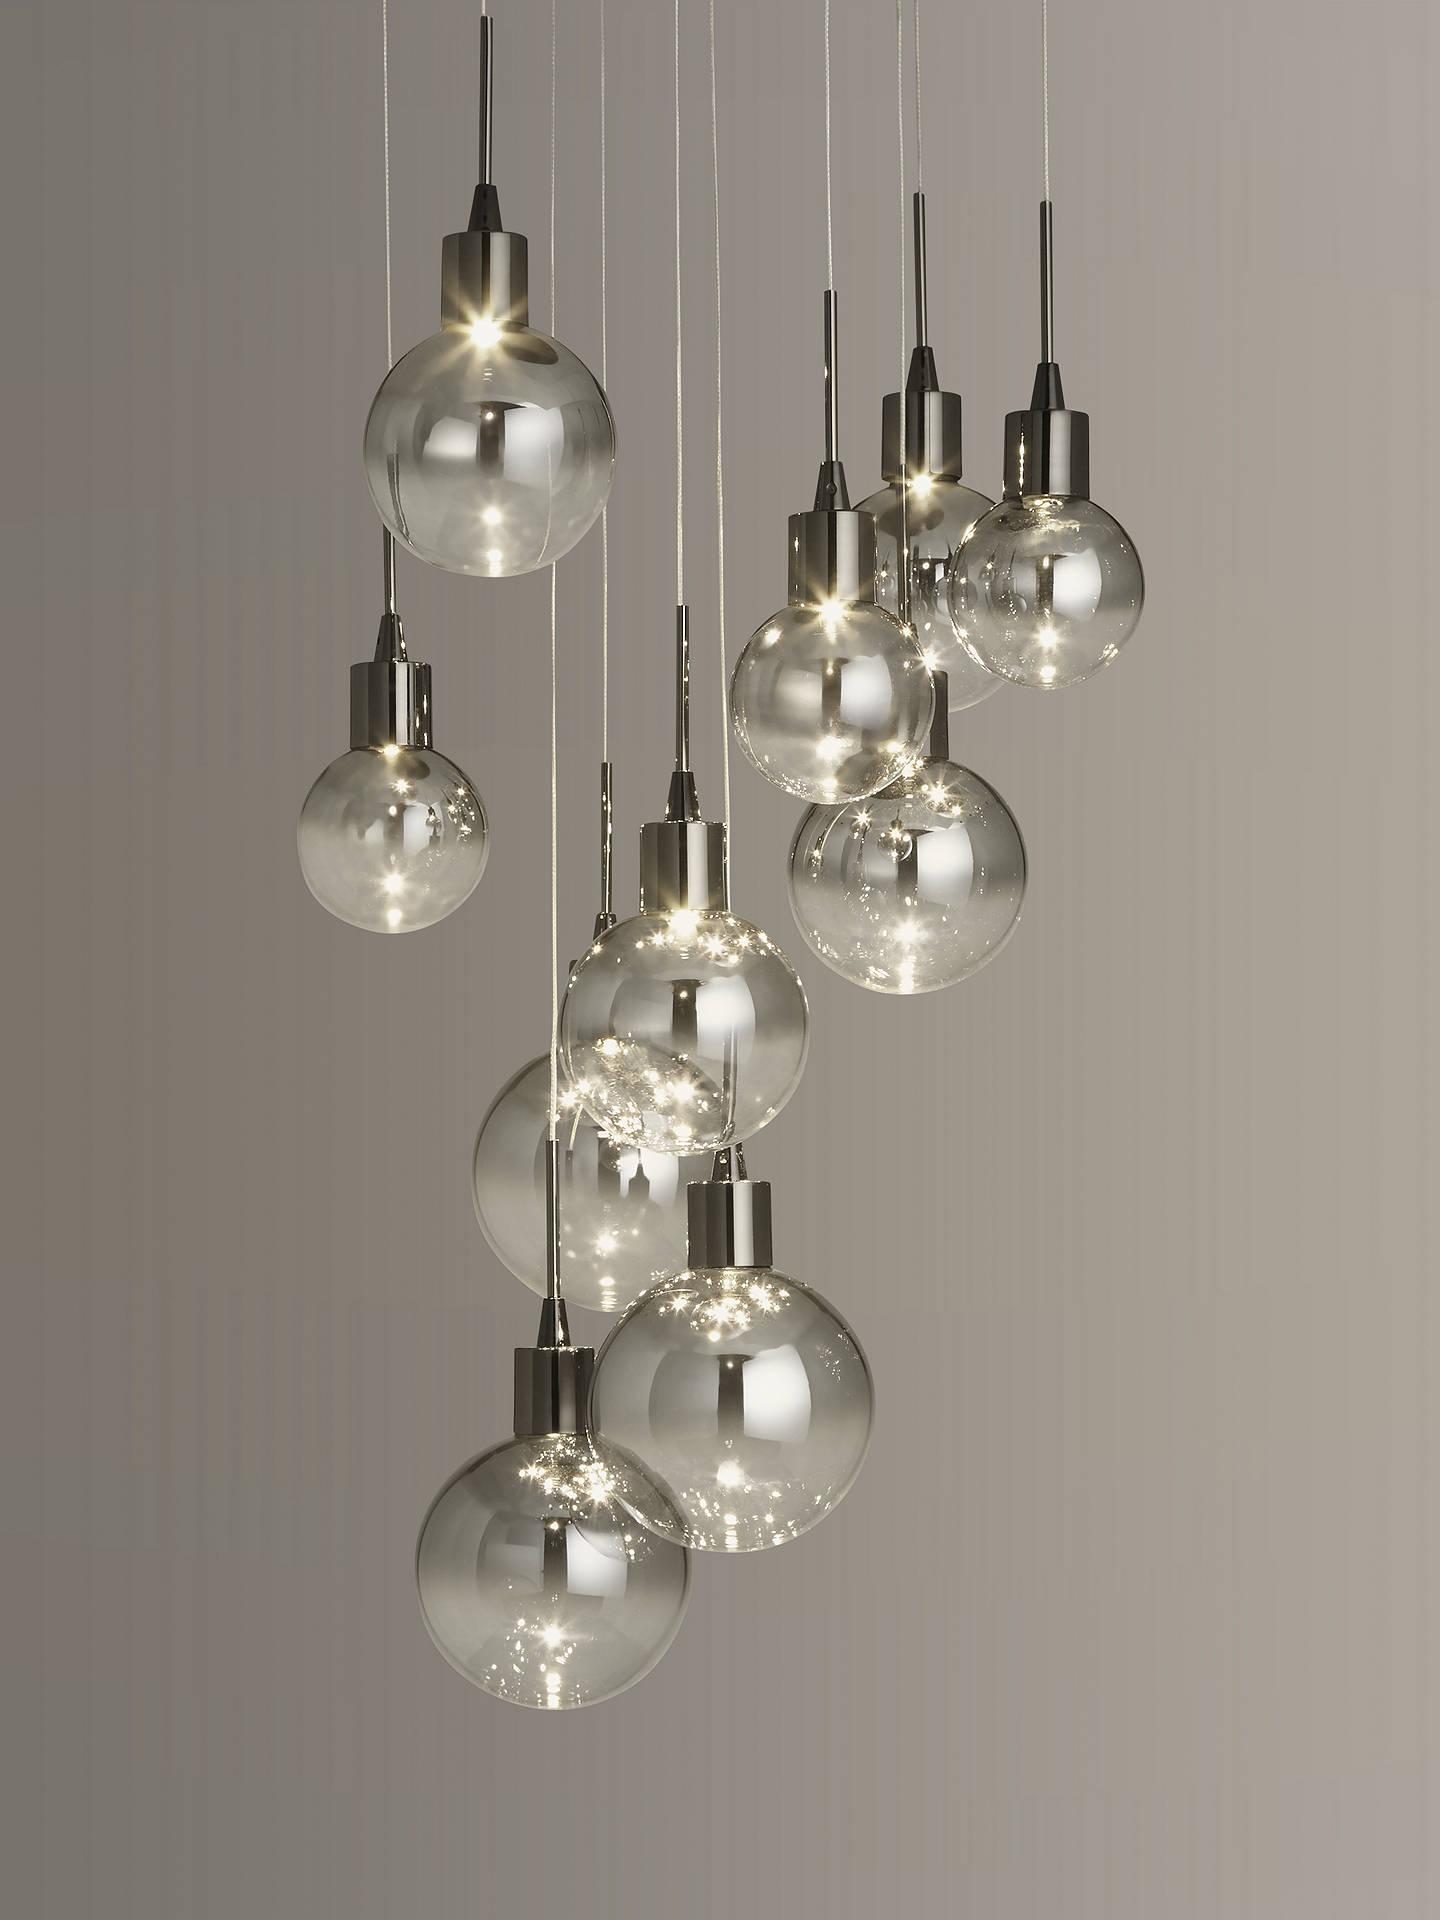 John Lewis & Partners Dano LED Ombre Glass Ceiling Light, 9 Light, Smoke